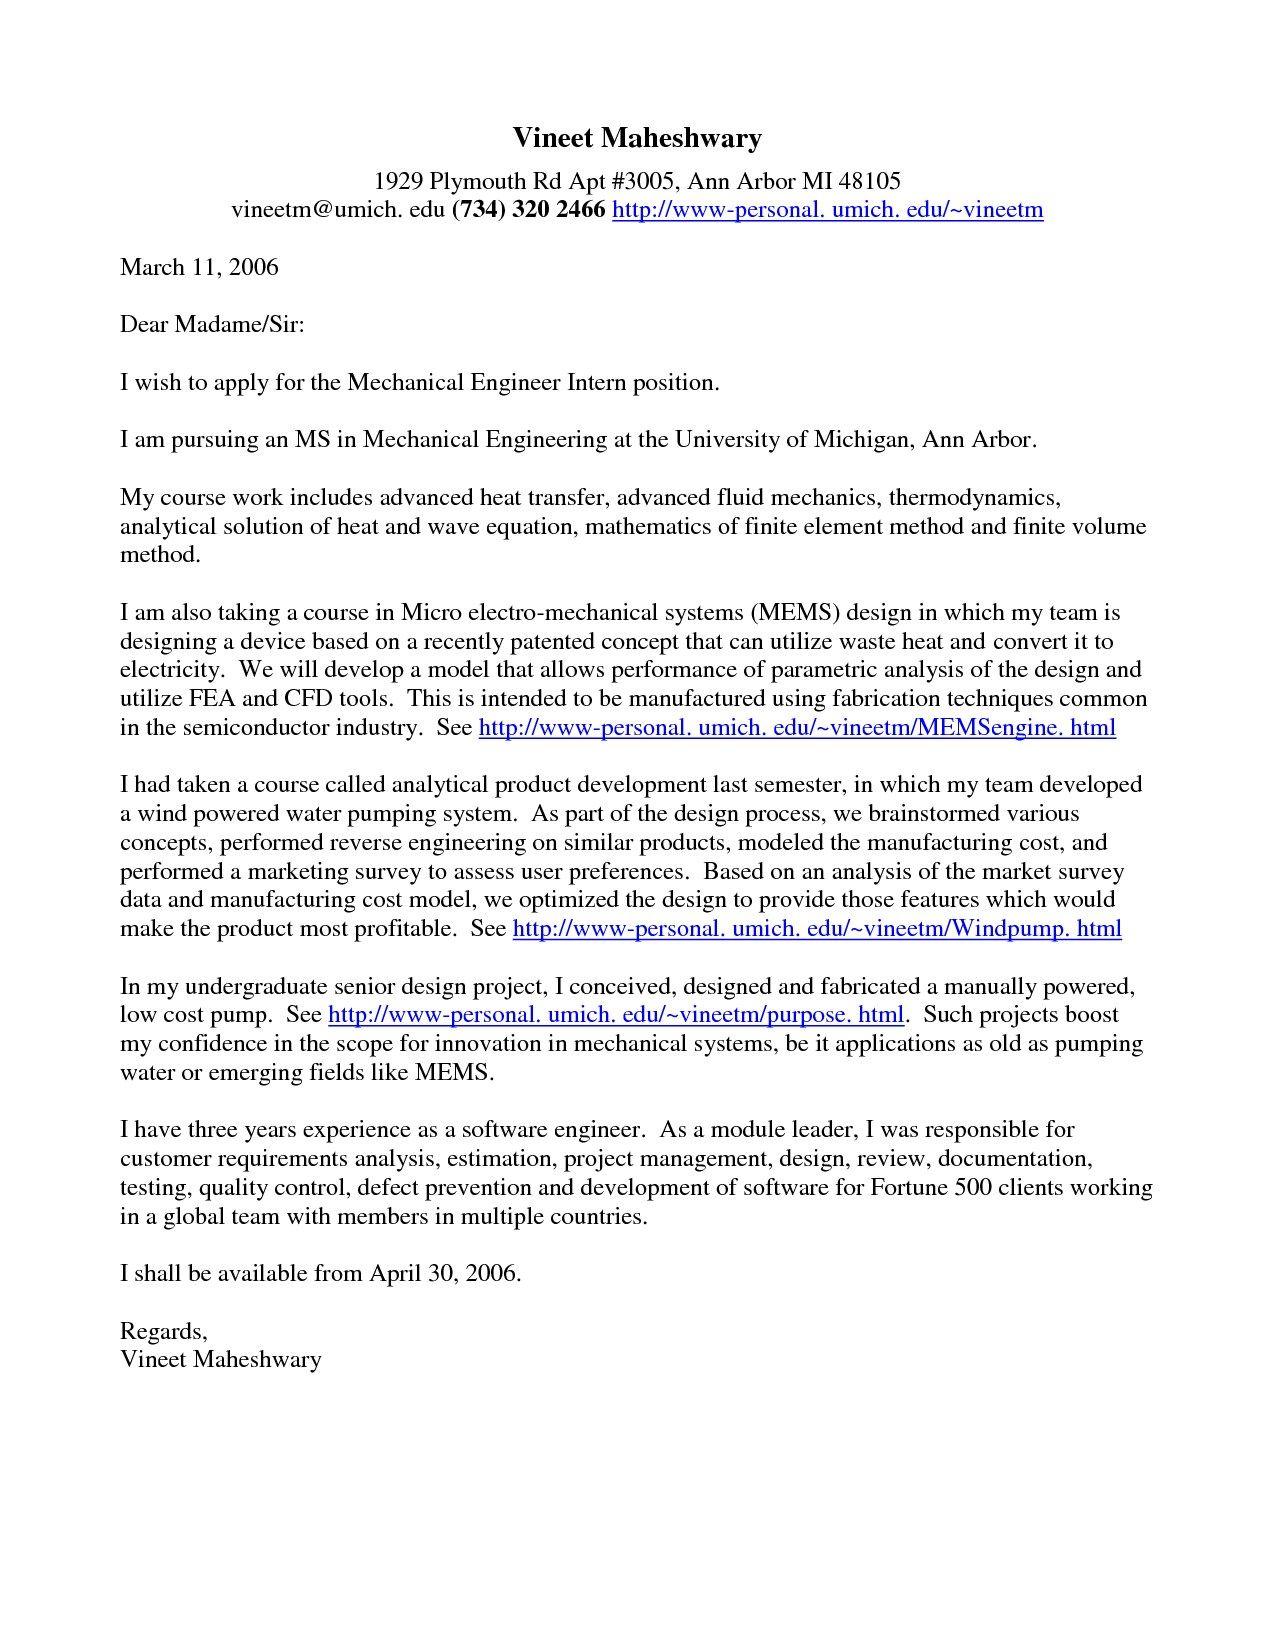 30 Sample Cover Letter For Internship Cover Letter For